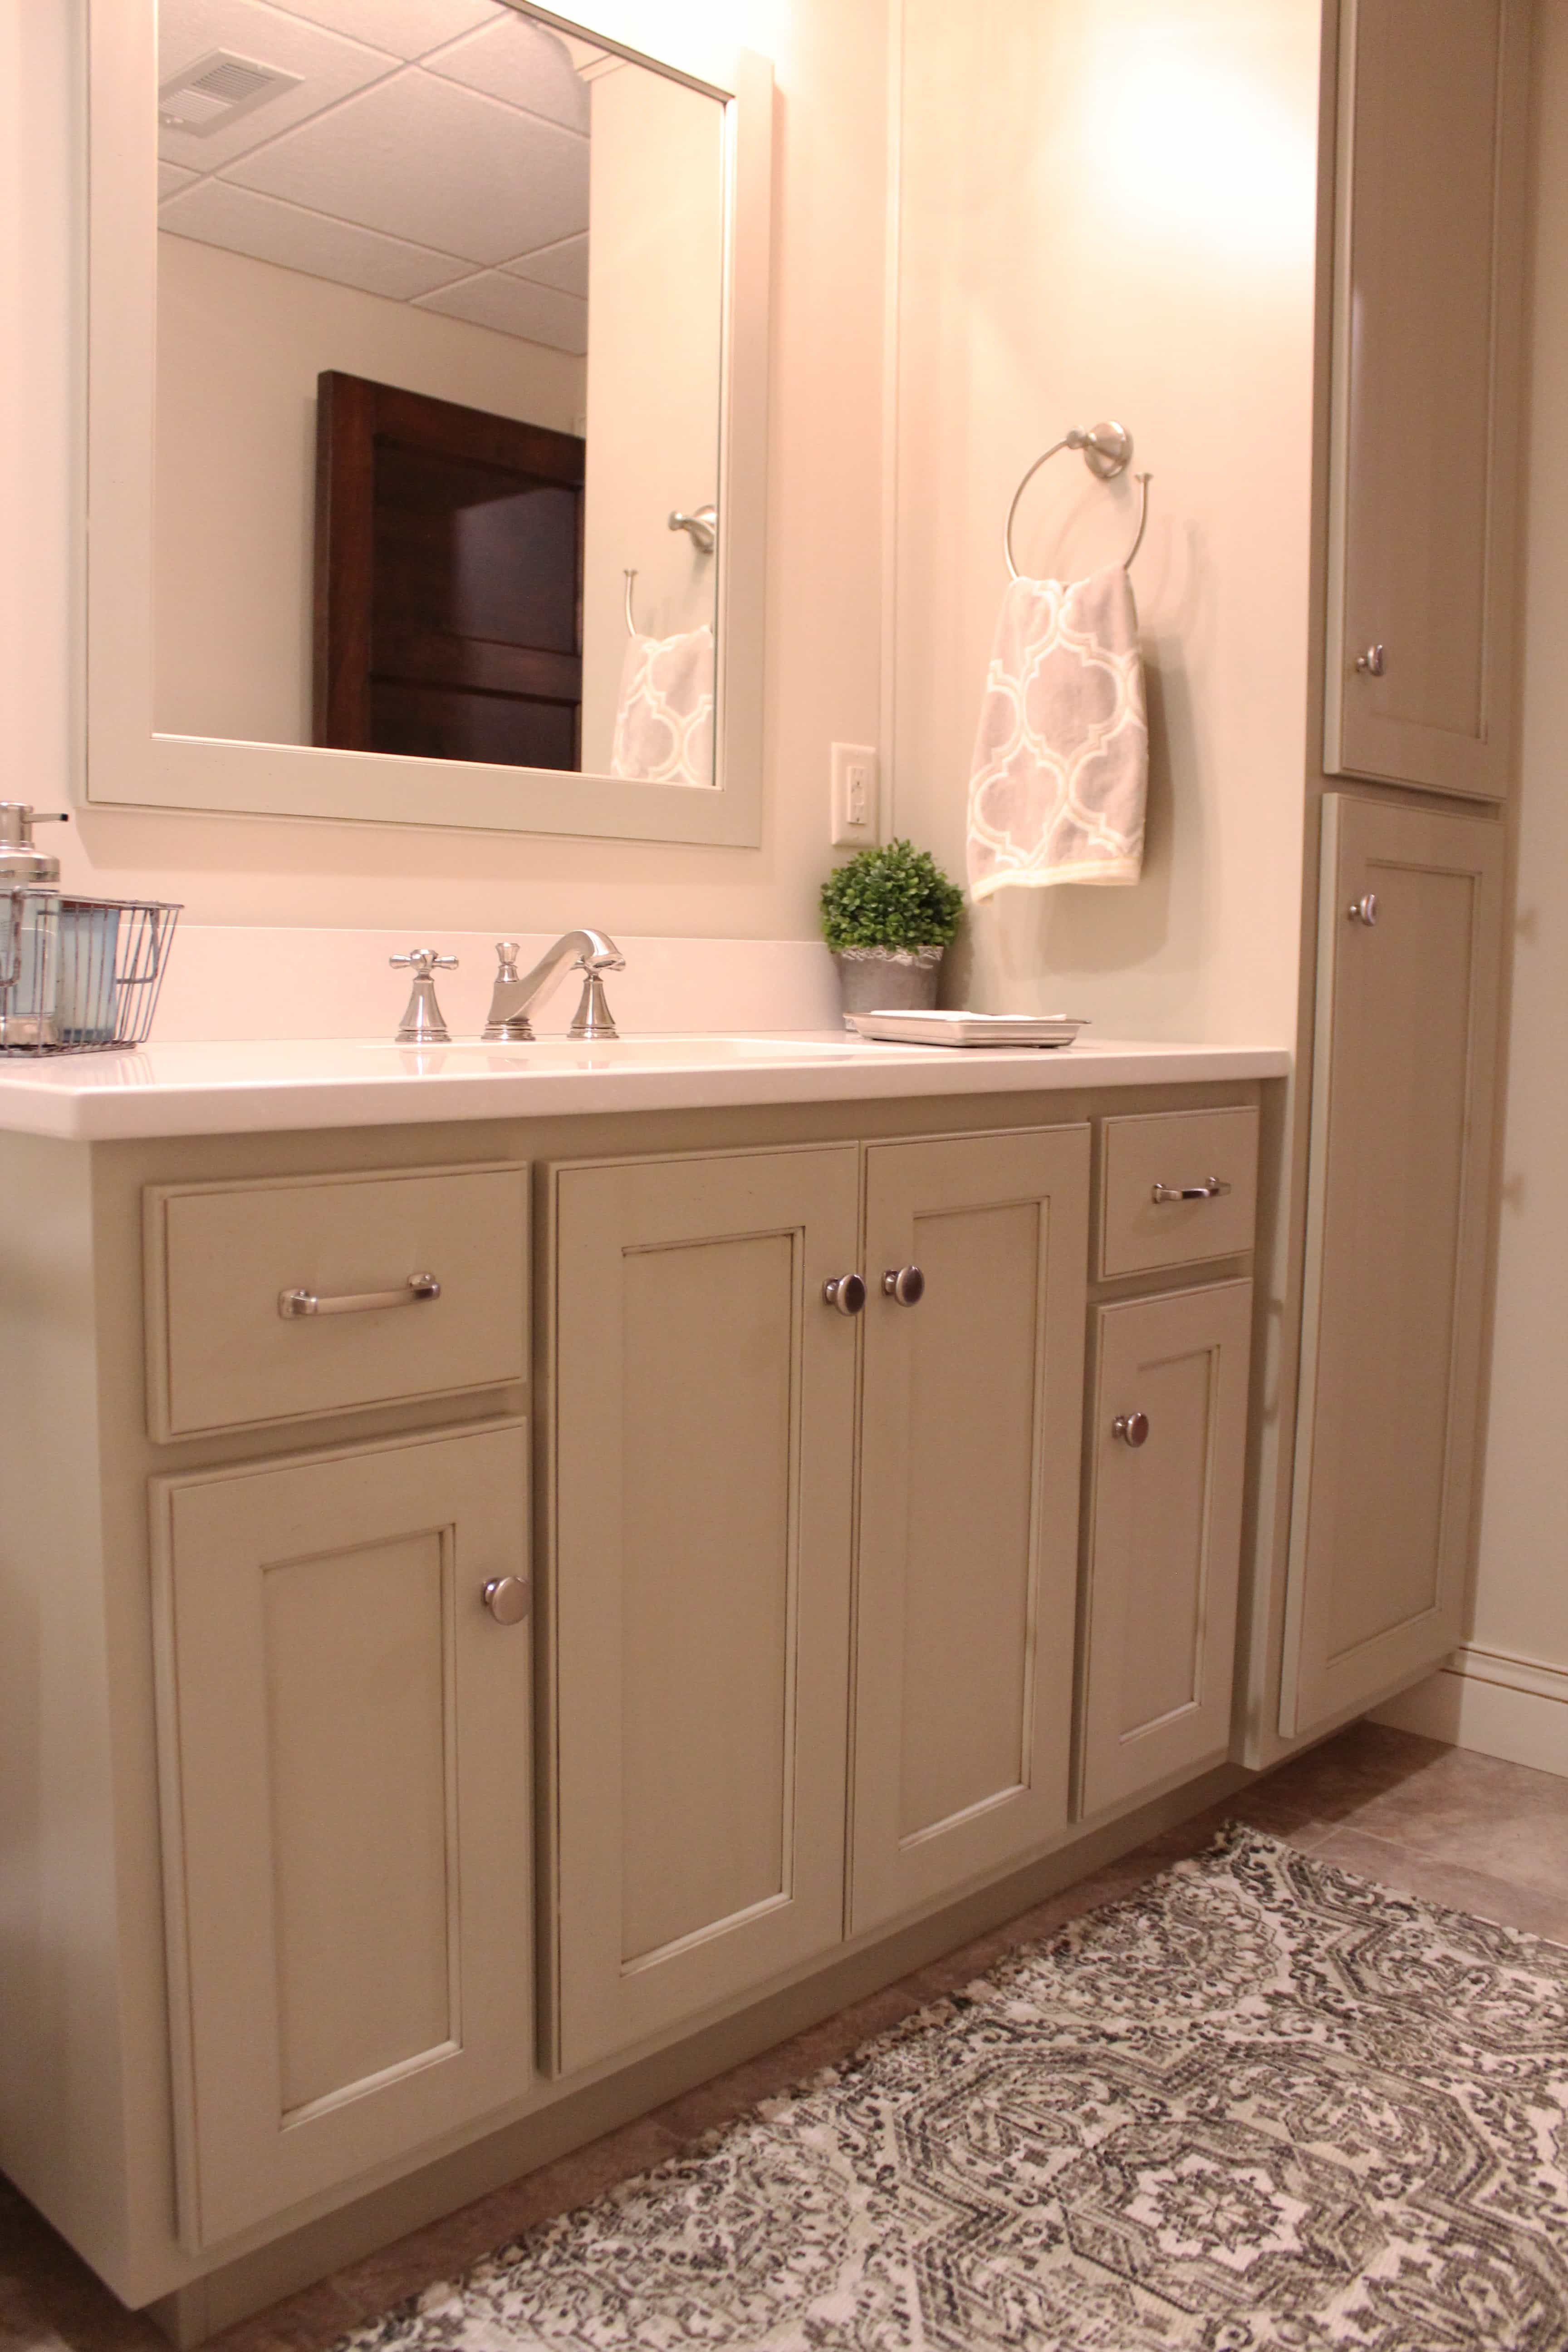 Bathroom Cabinets, Countertops, Evansville IN